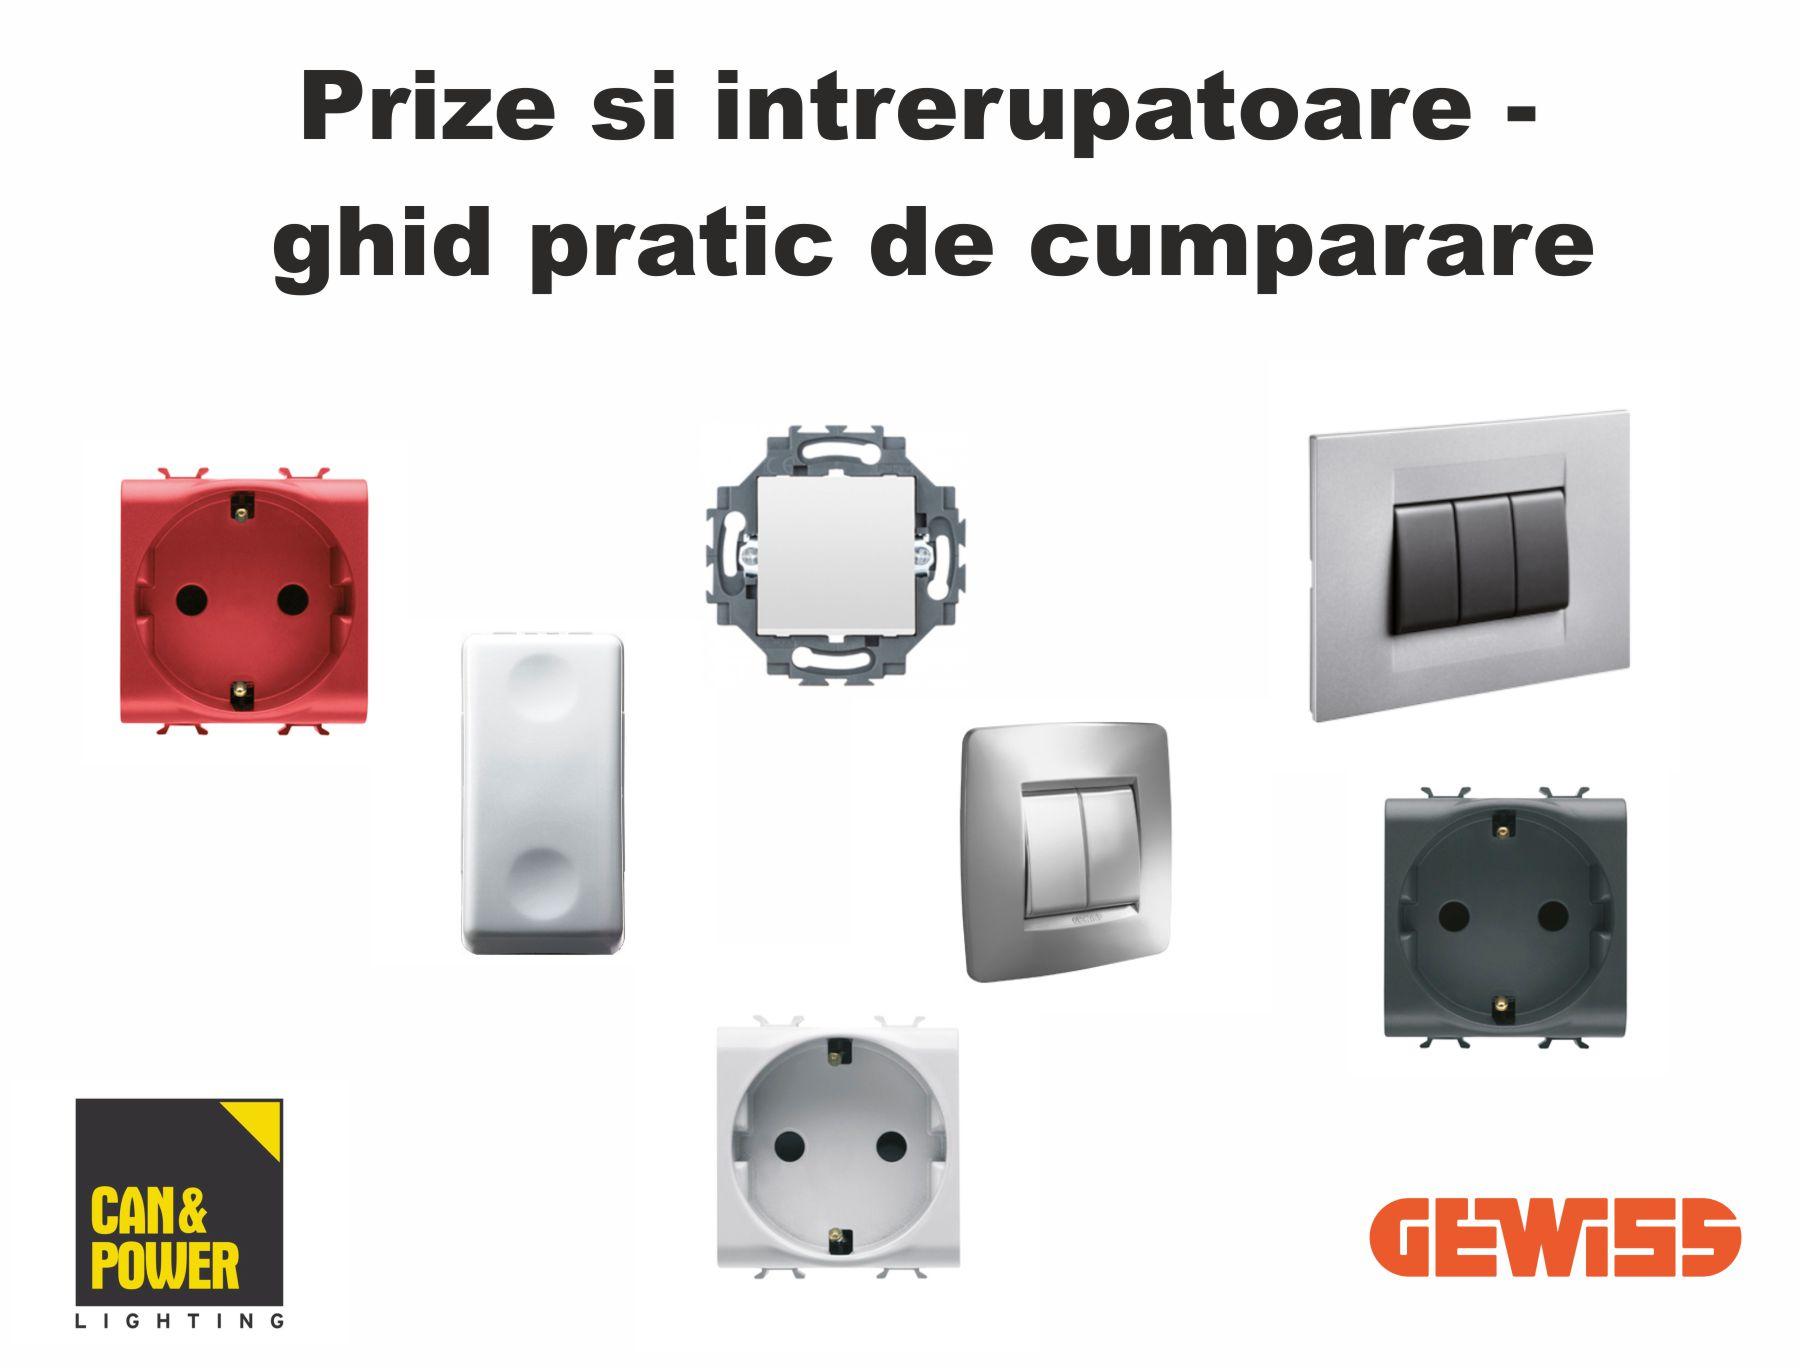 Prize si Intrerupatoare - ghid pratic de cumparare Gewiss